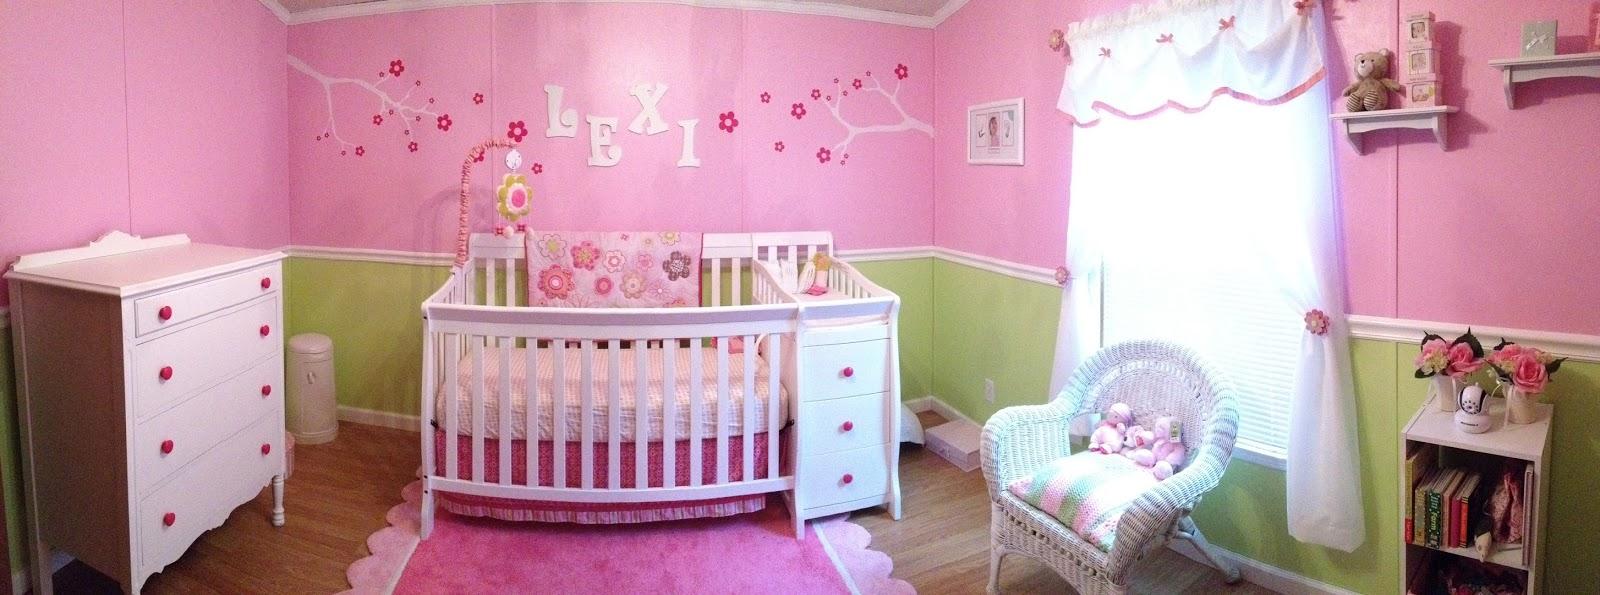 Peinture chambre bébé fille rose - Idées de tricot gratuit c239decff67